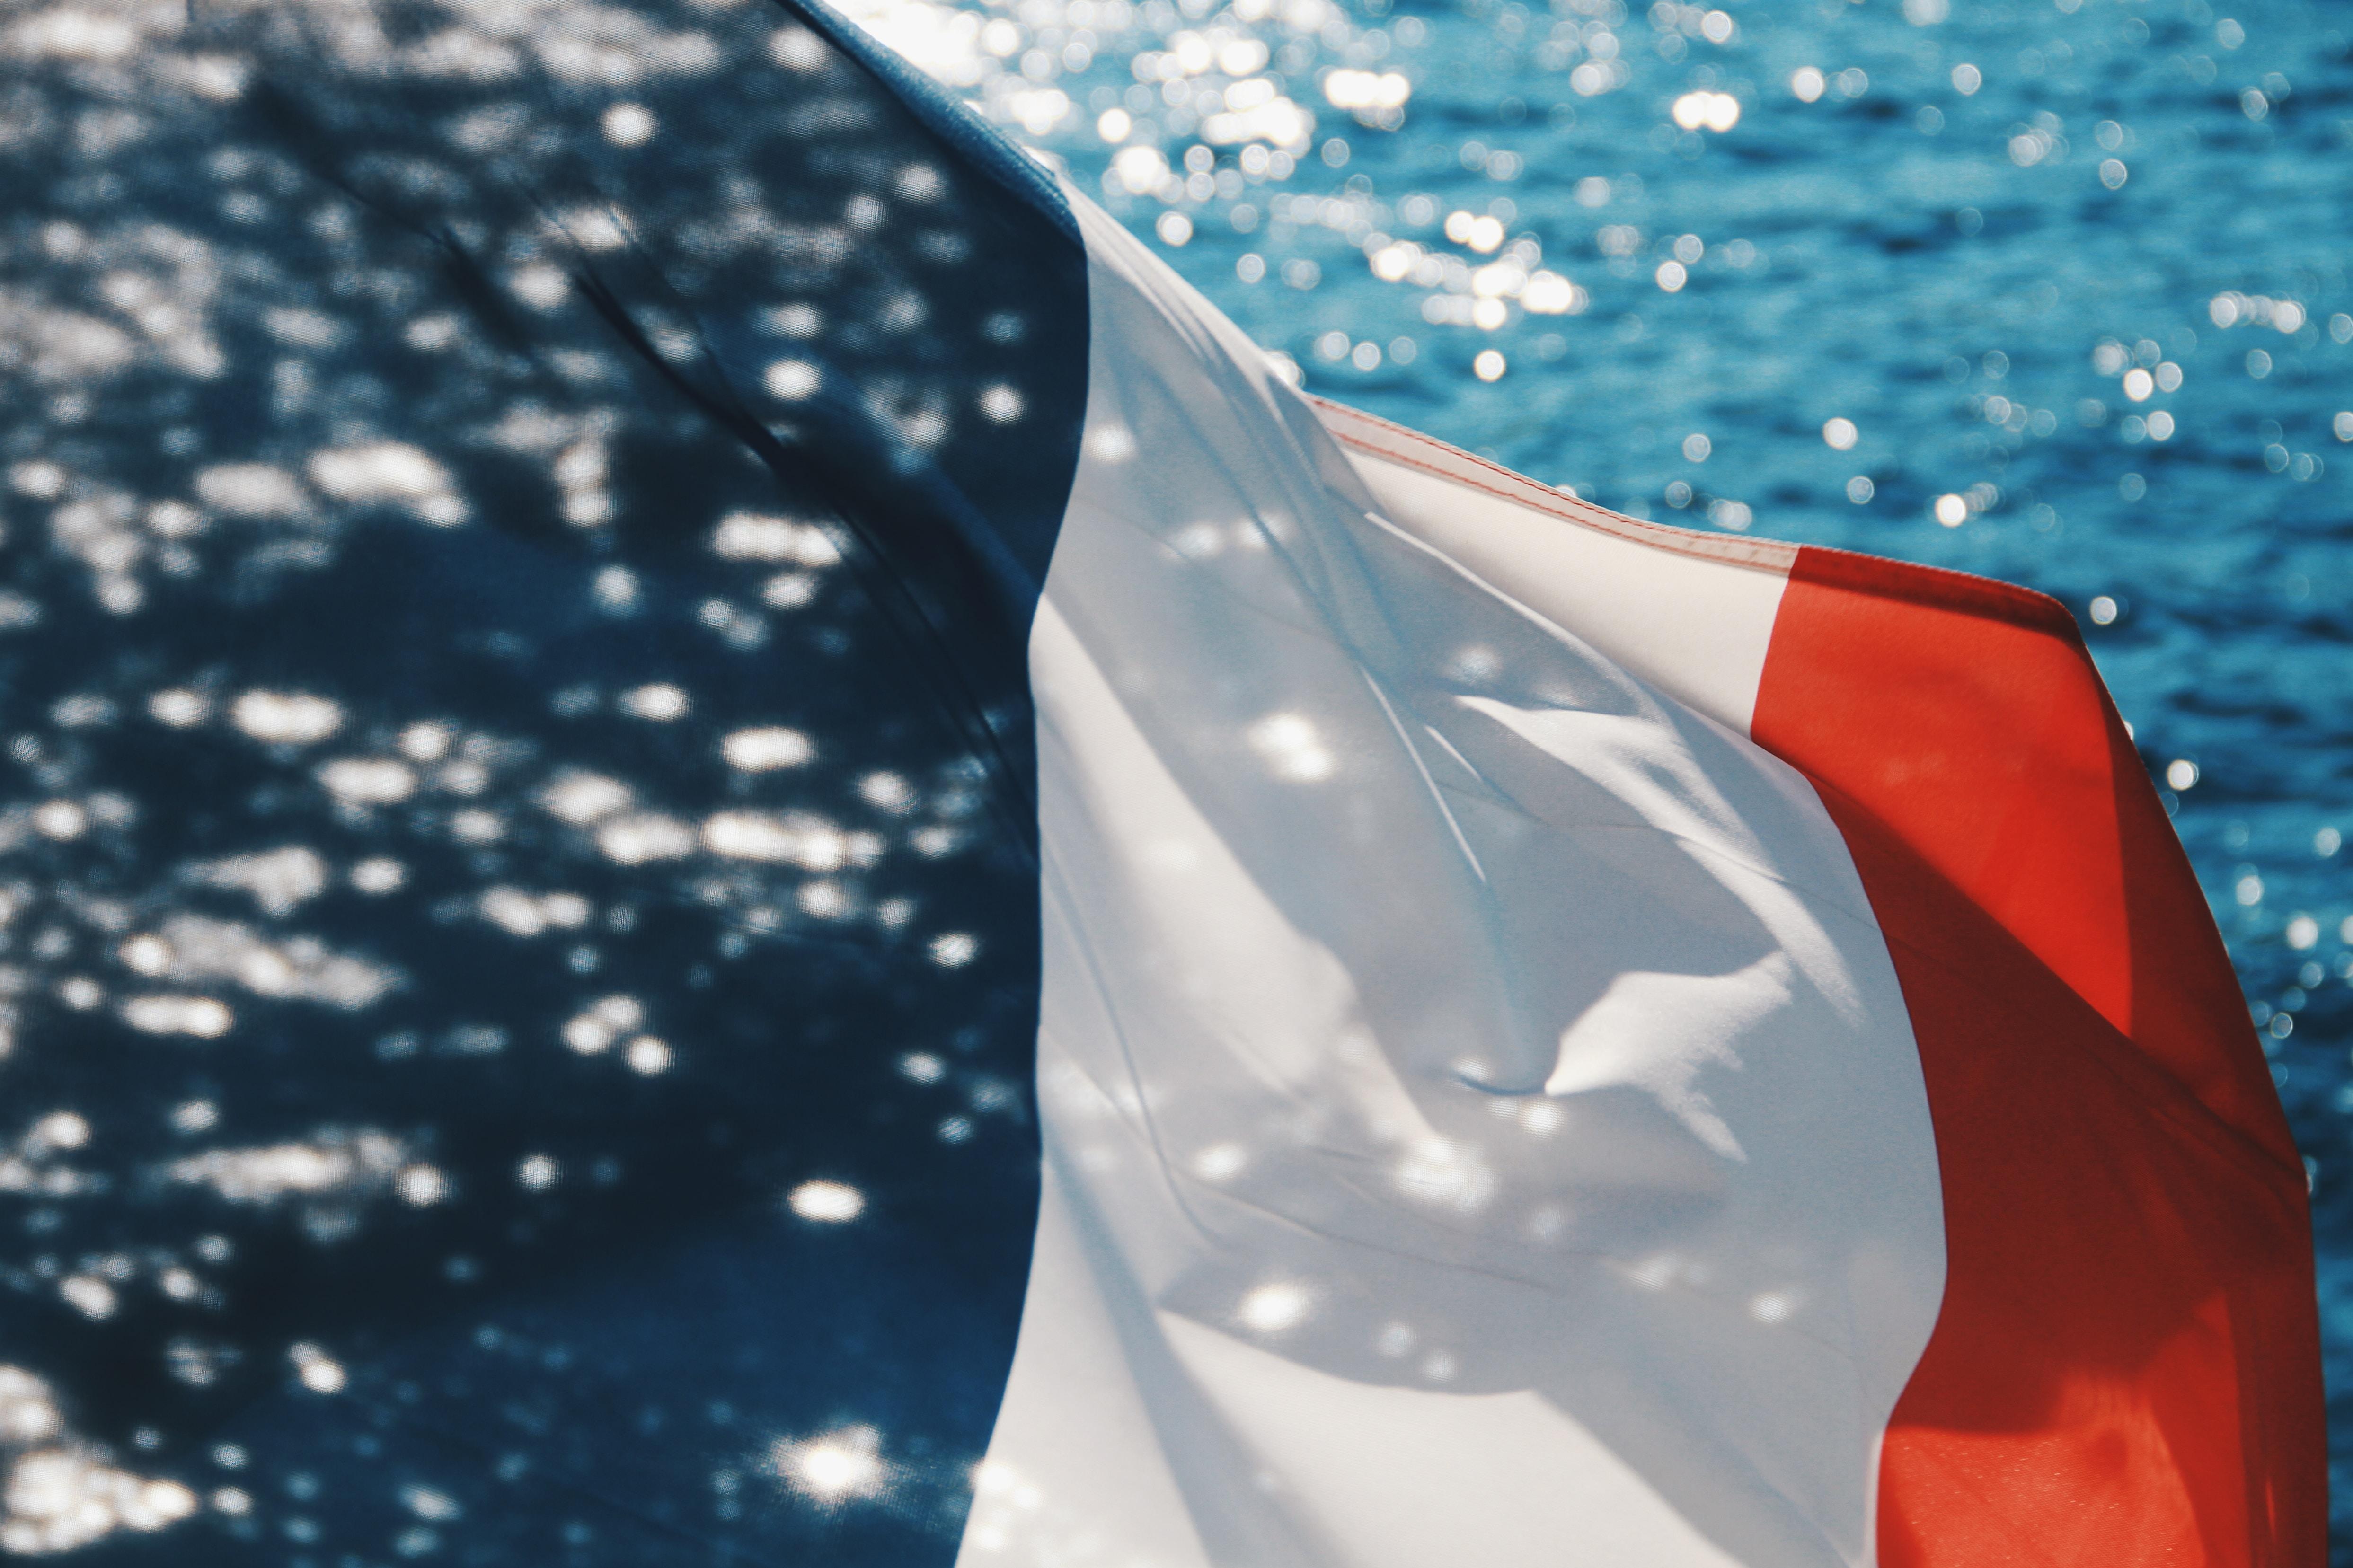 フランス語の歴史|イタリア語、スペイン語とは親戚の関係!?そのルーツを解明